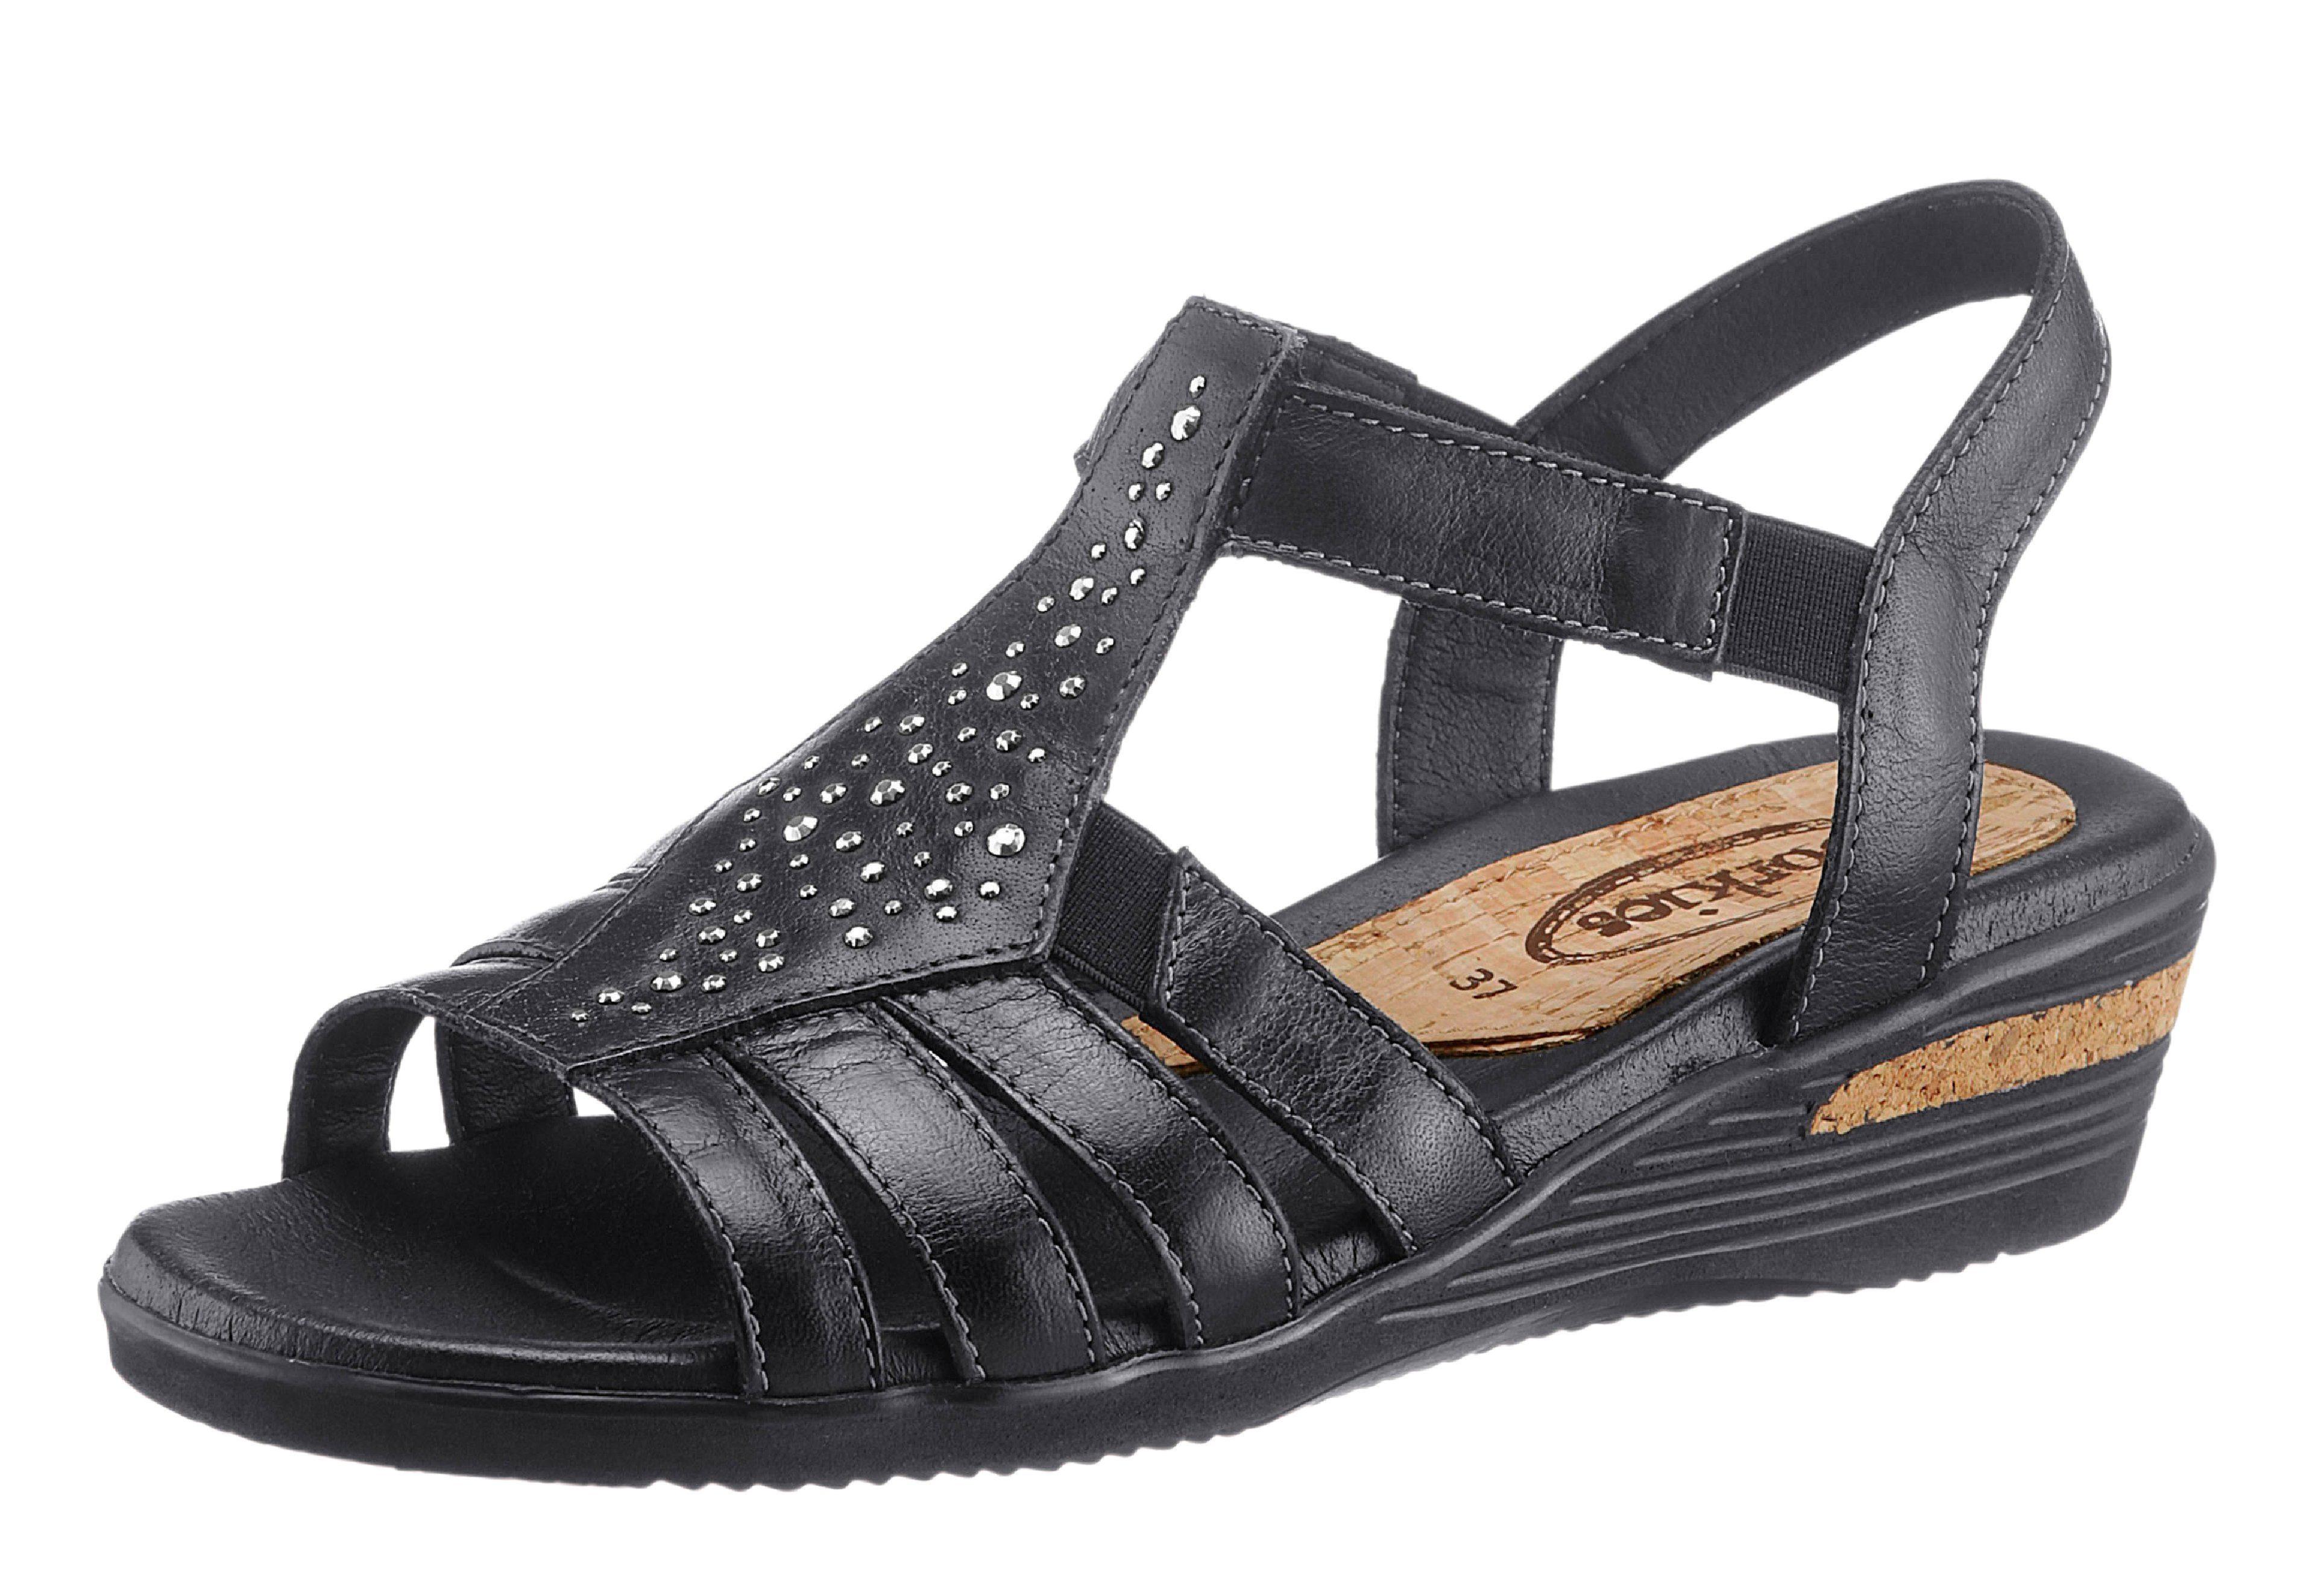 Corkies Sandalette mit rutschhemmender PU-Laufsohle online kaufen  schwarz